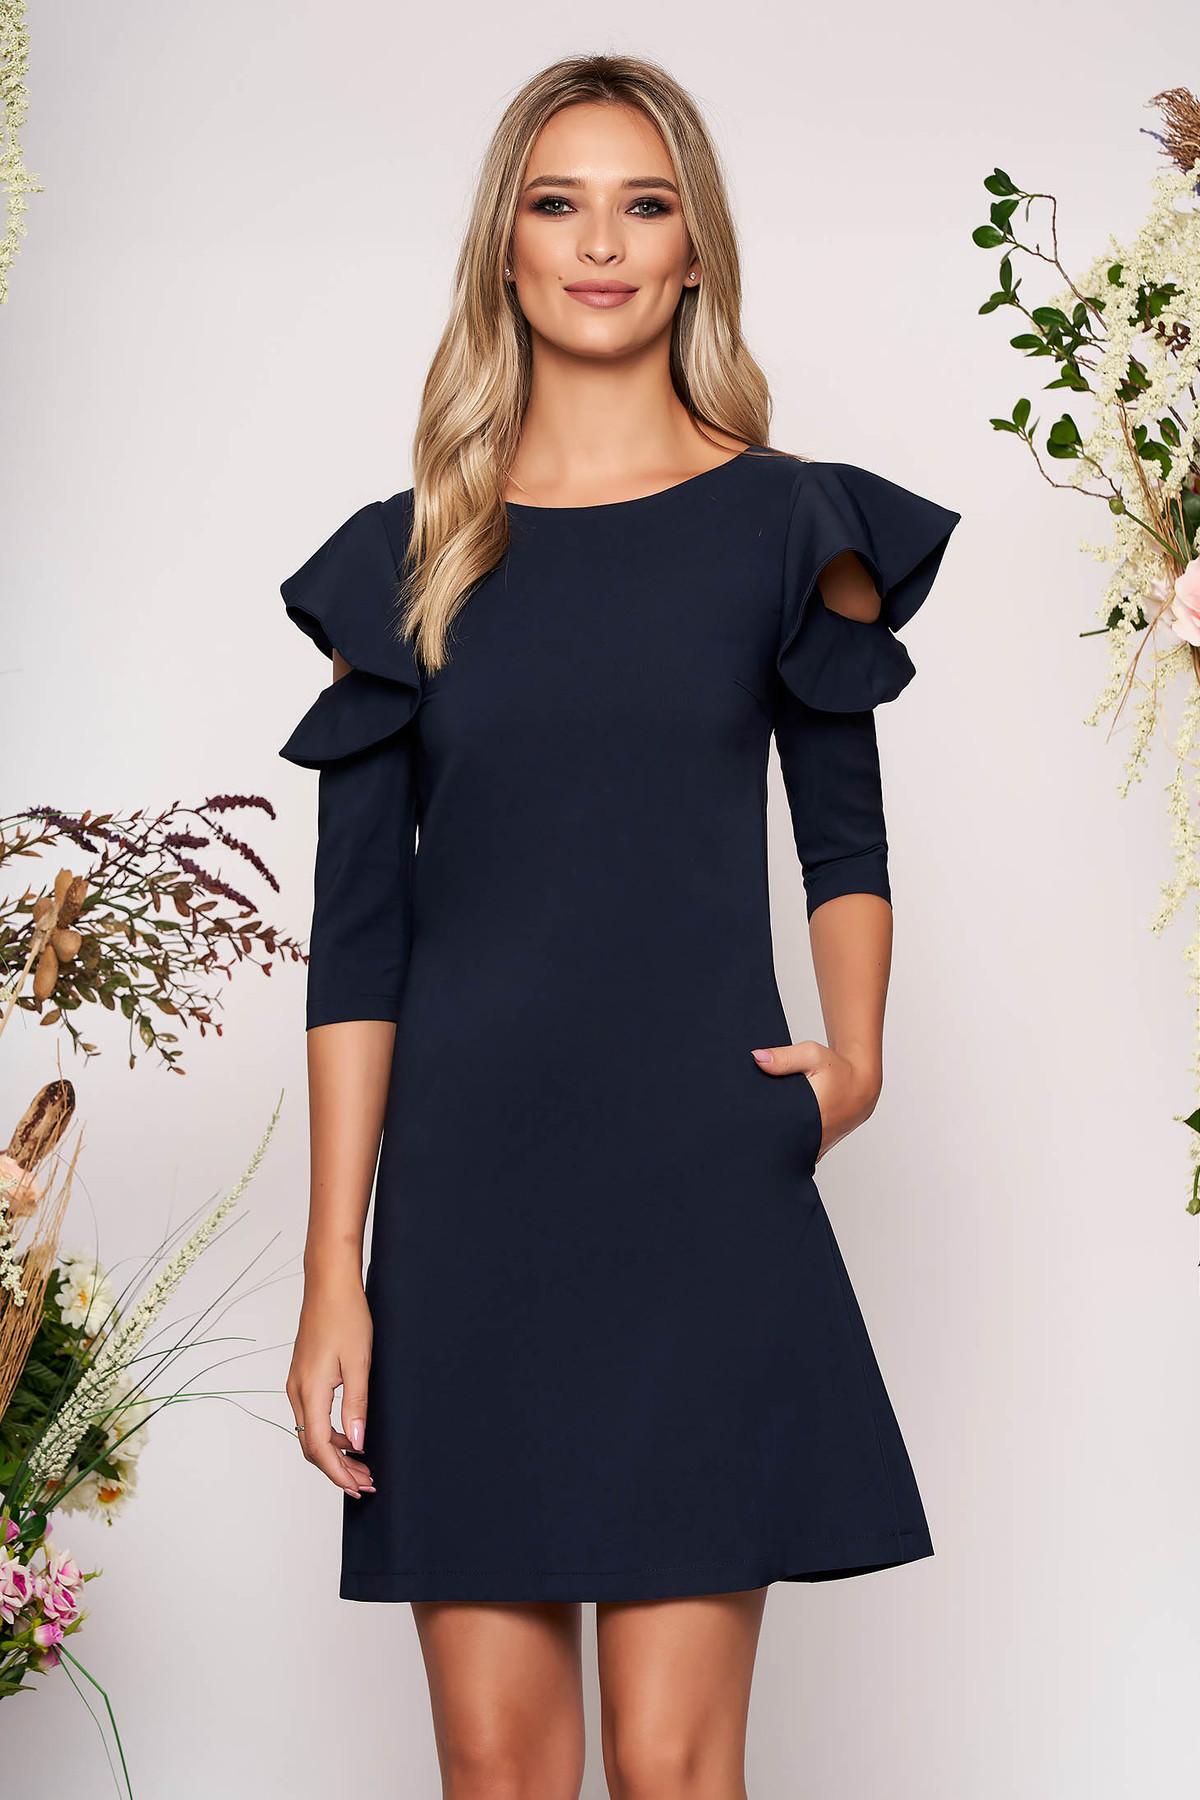 Rochie LaDonna albastru-inchis eleganta de zi din stofa usor elastica cu croi in a si volanase la maneca